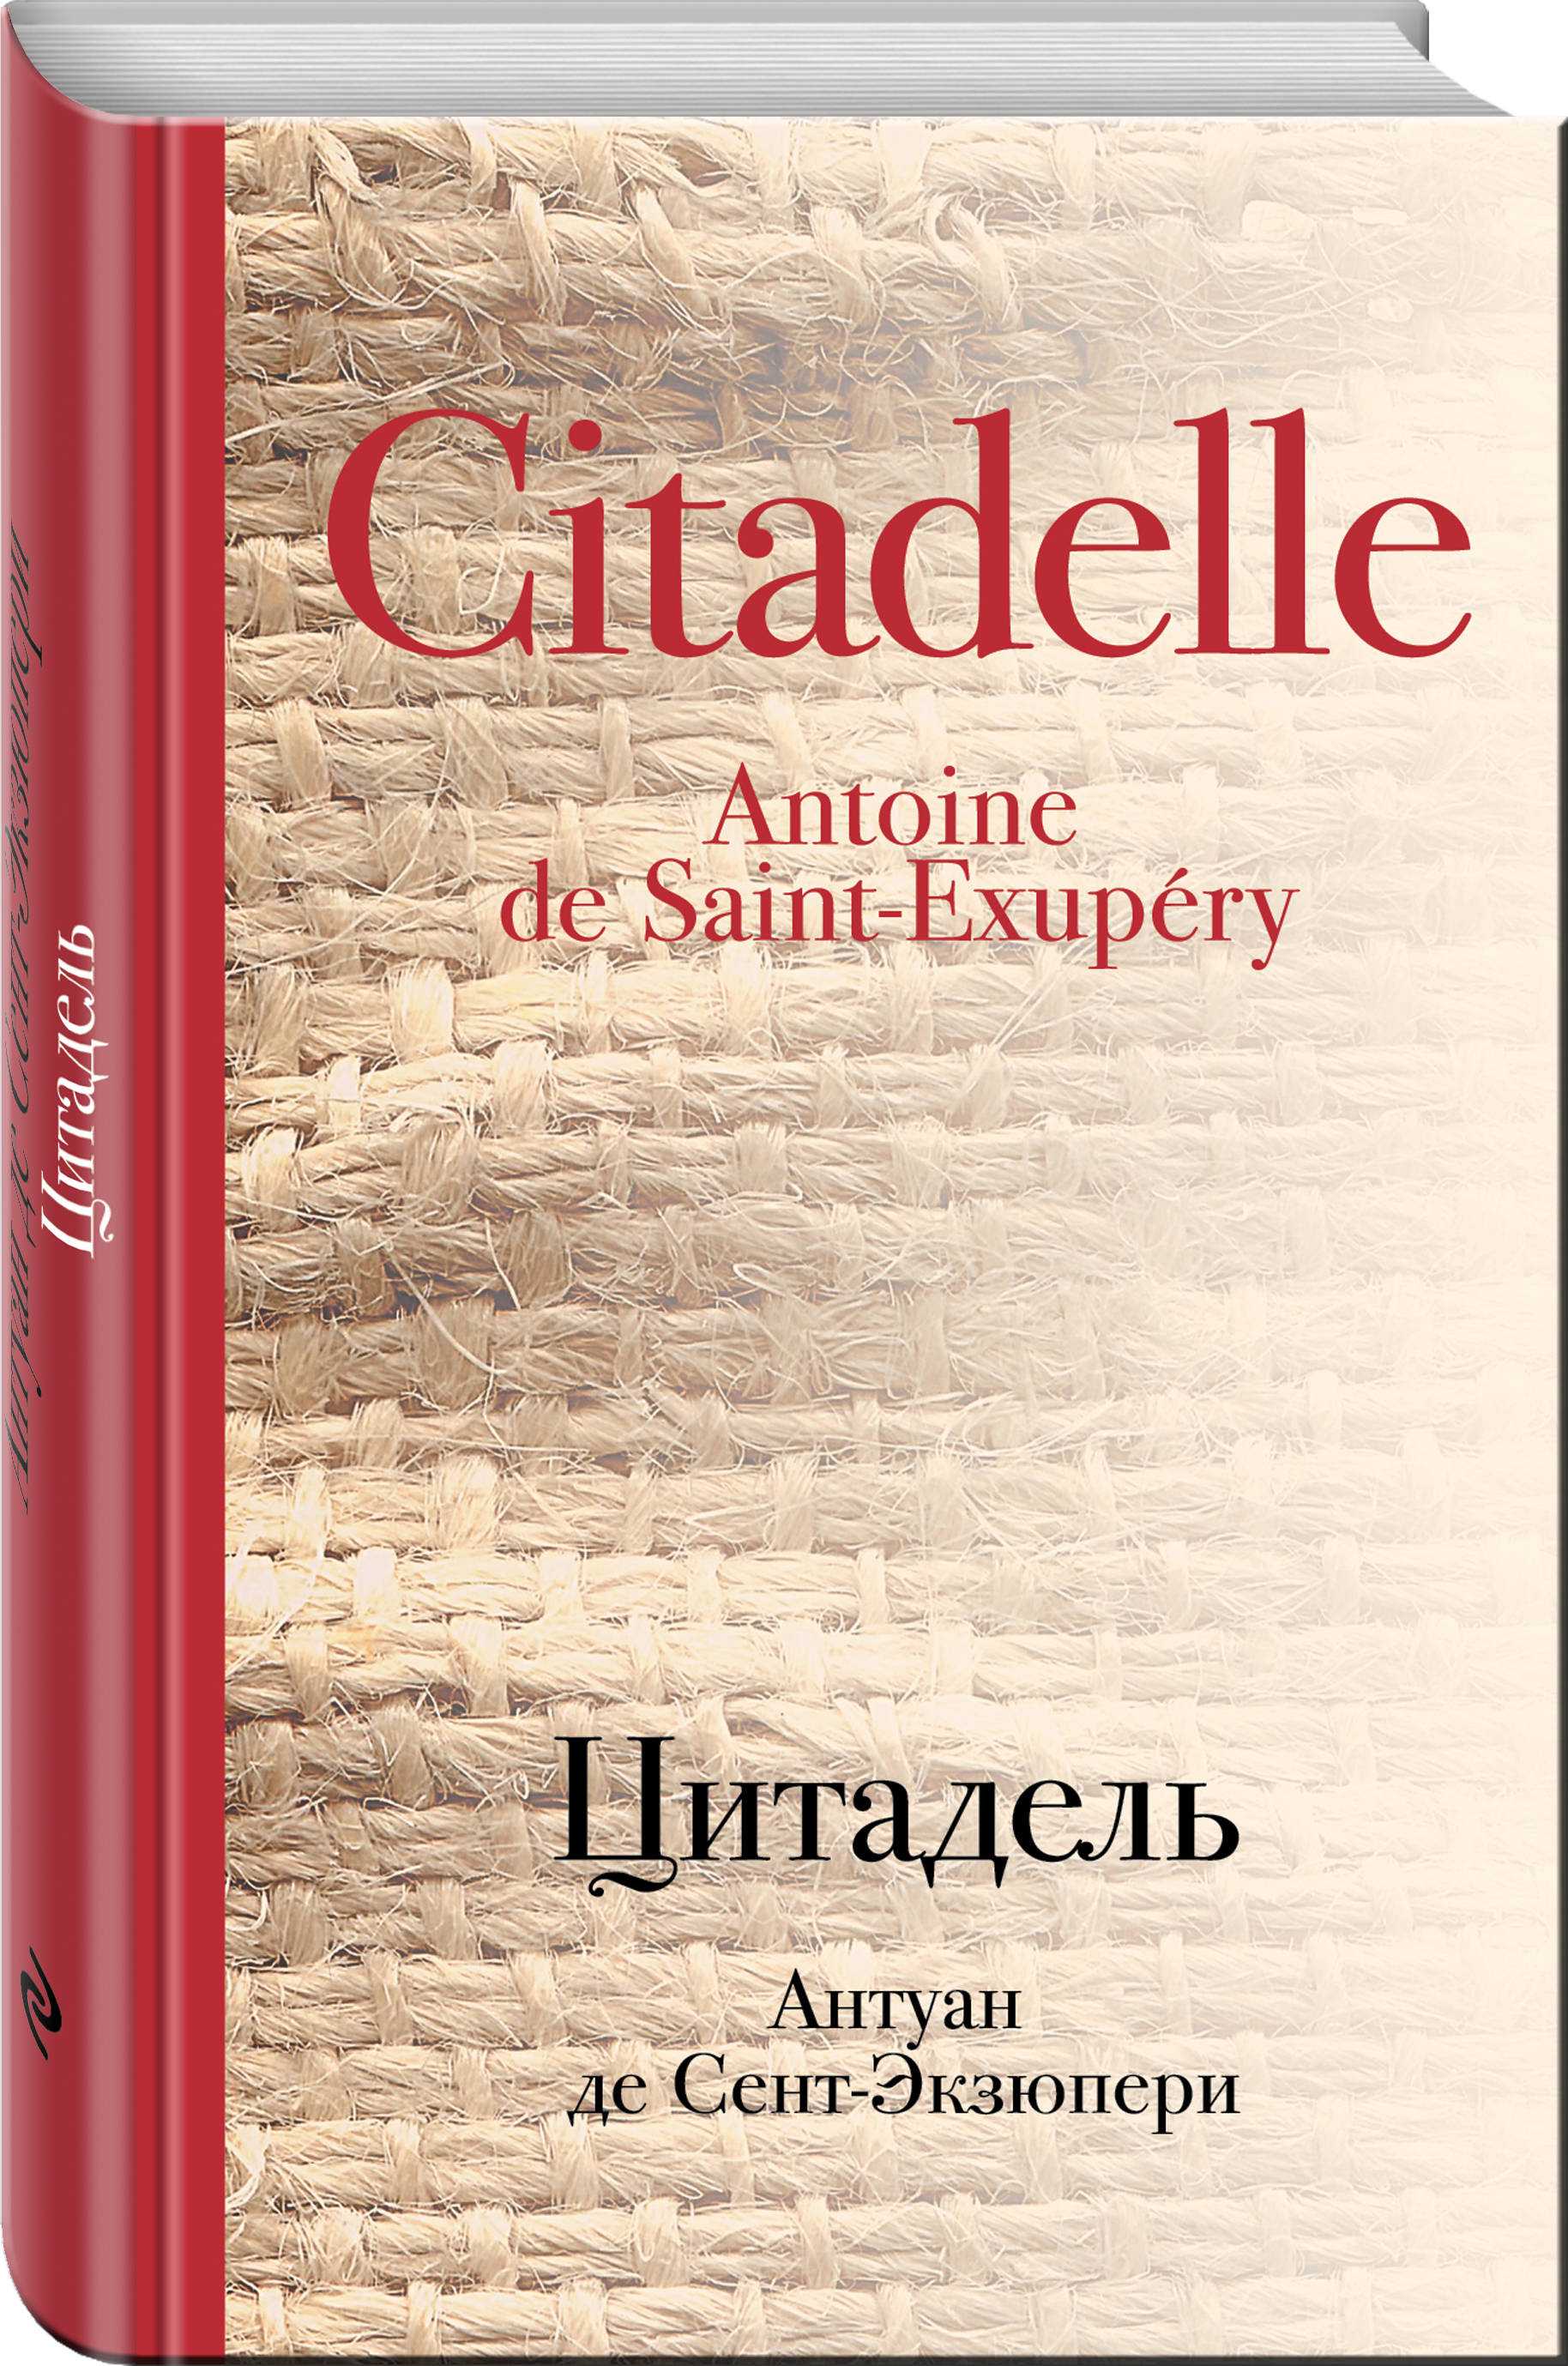 Сент-Экзюпери А. де Цитадель мишель де боюар вильгельм завоеватель